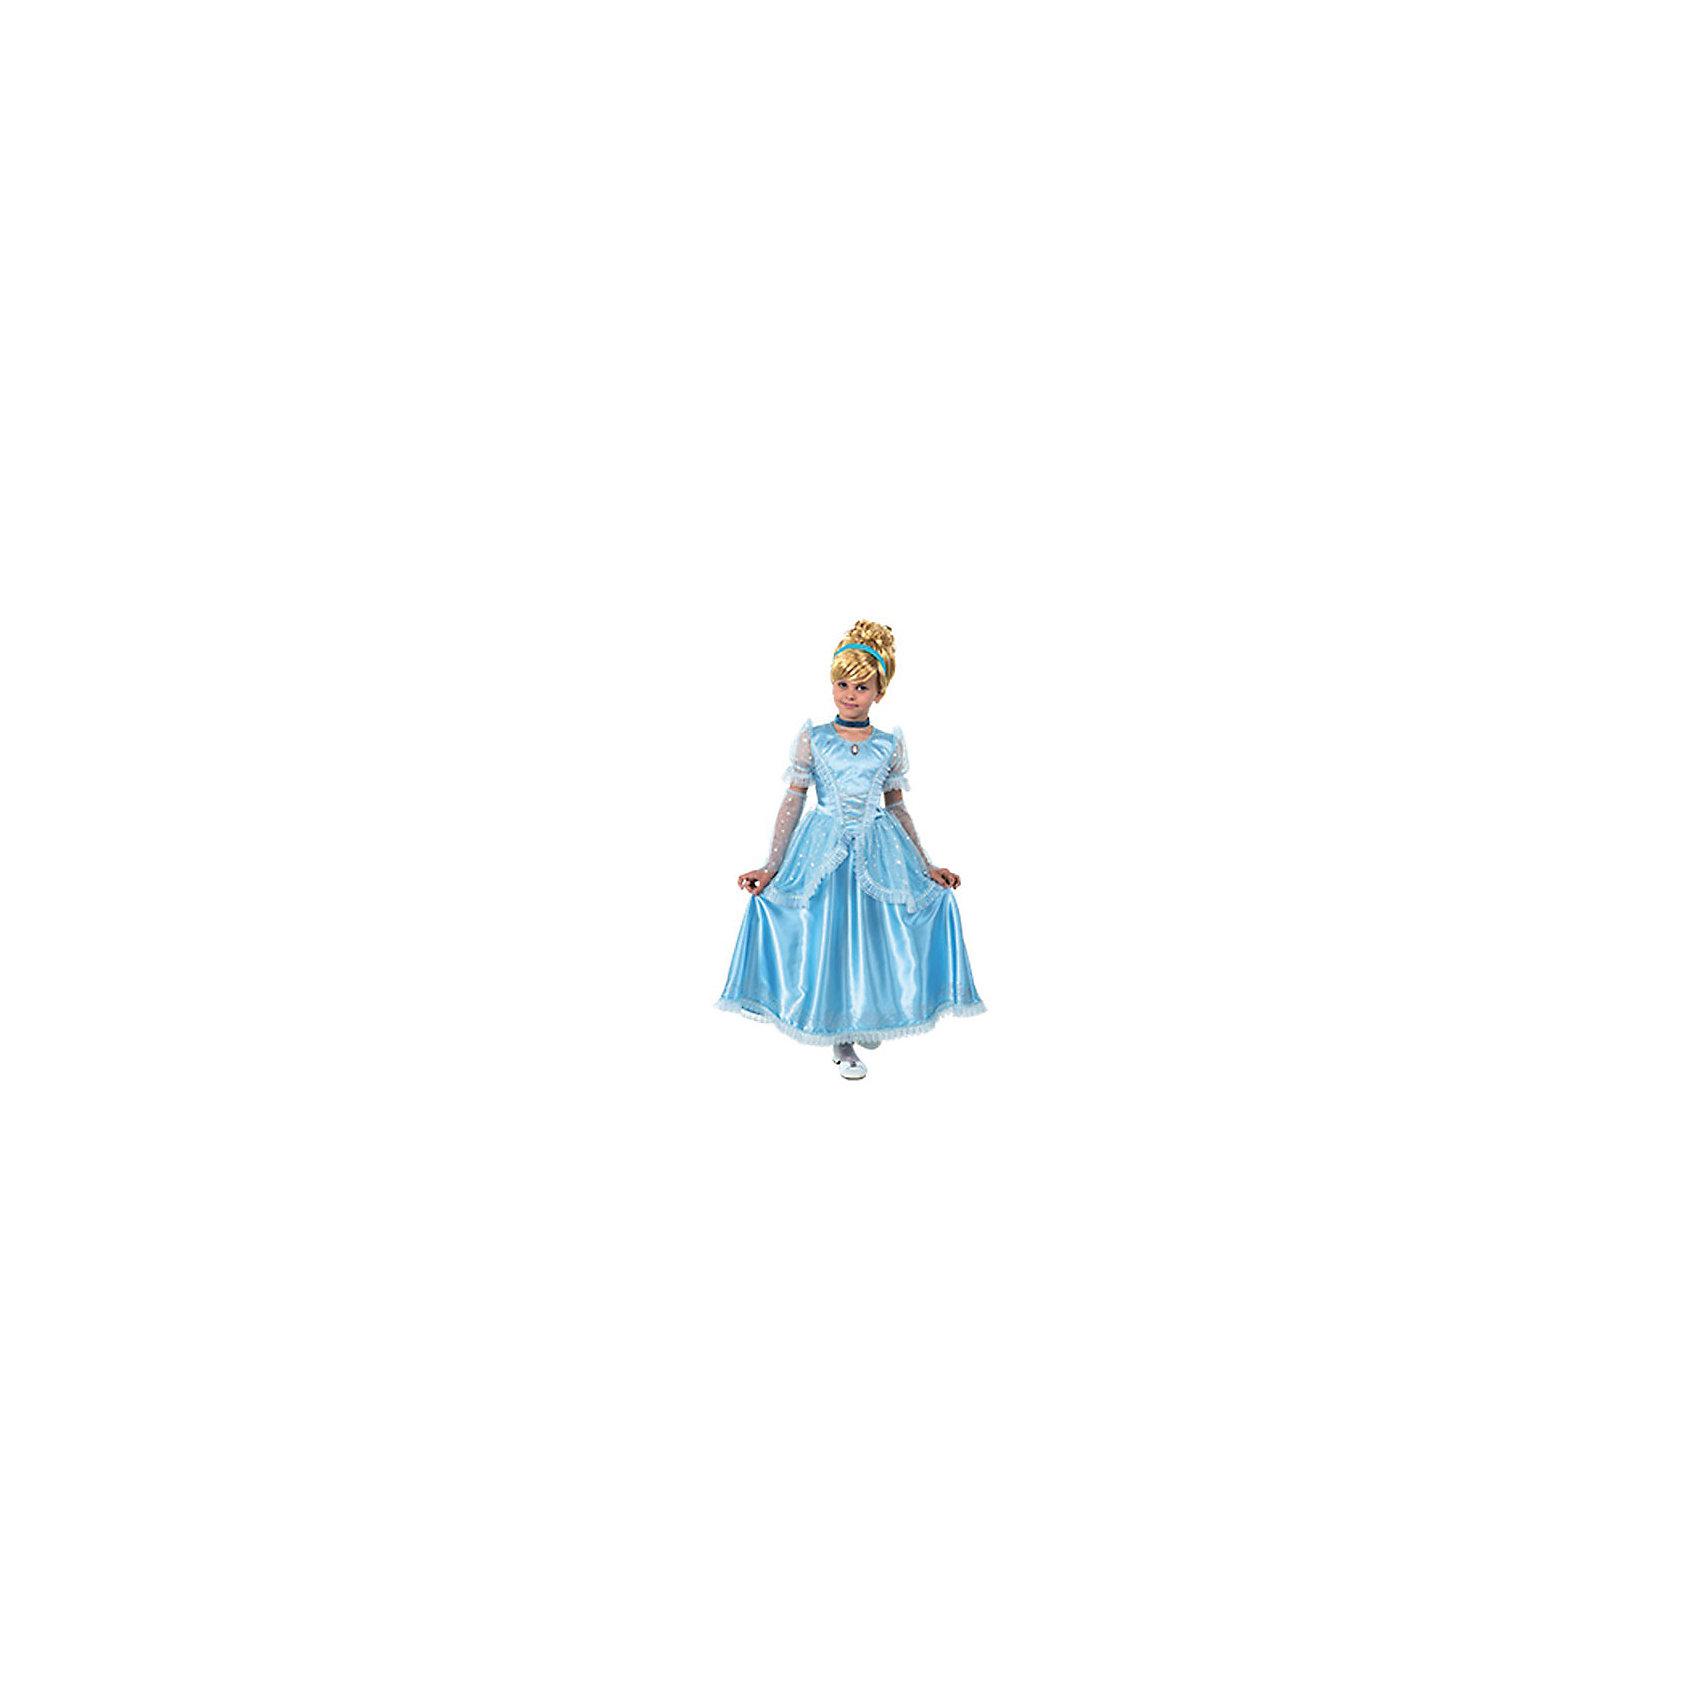 Карнавальный костюм Принцесса Золушка, БатикКаждая девочка мечтает стать сказочной принцессой. Ваша малышка придет в восторг от этого прекрасного наряда, состоящего из роскошного голубого платья с рюшами, длинных изысканных перчаток и небольшой короны. Позвольте девочке почувствовать себя королевой вечера и получить настоящее удовольствие от самого волшебного праздника в году! Костюм выполнен из высококачественных экологичных материалов, в производстве ткани использованы только безопасные, гипоаллергенные красители.<br><br>Дополнительная информация:<br><br>- Материал: текстиль, пластик.<br>- Цвет: голубой.<br>- Комплектация: платье, перчатки, корона. <br>- Декоративные элементы: рюши.<br>- Параметры для размера 30:<br>- обхват груди: 60 см.<br>- рост: 116 см.<br><br>Карнавальный костюм Принцесса Золушка, Батик, можно купить в нашем магазине.<br><br>Ширина мм: 500<br>Глубина мм: 50<br>Высота мм: 700<br>Вес г: 600<br>Цвет: разноцветный<br>Возраст от месяцев: 72<br>Возраст до месяцев: 96<br>Пол: Женский<br>Возраст: Детский<br>Размер: 28<br>SKU: 4412741